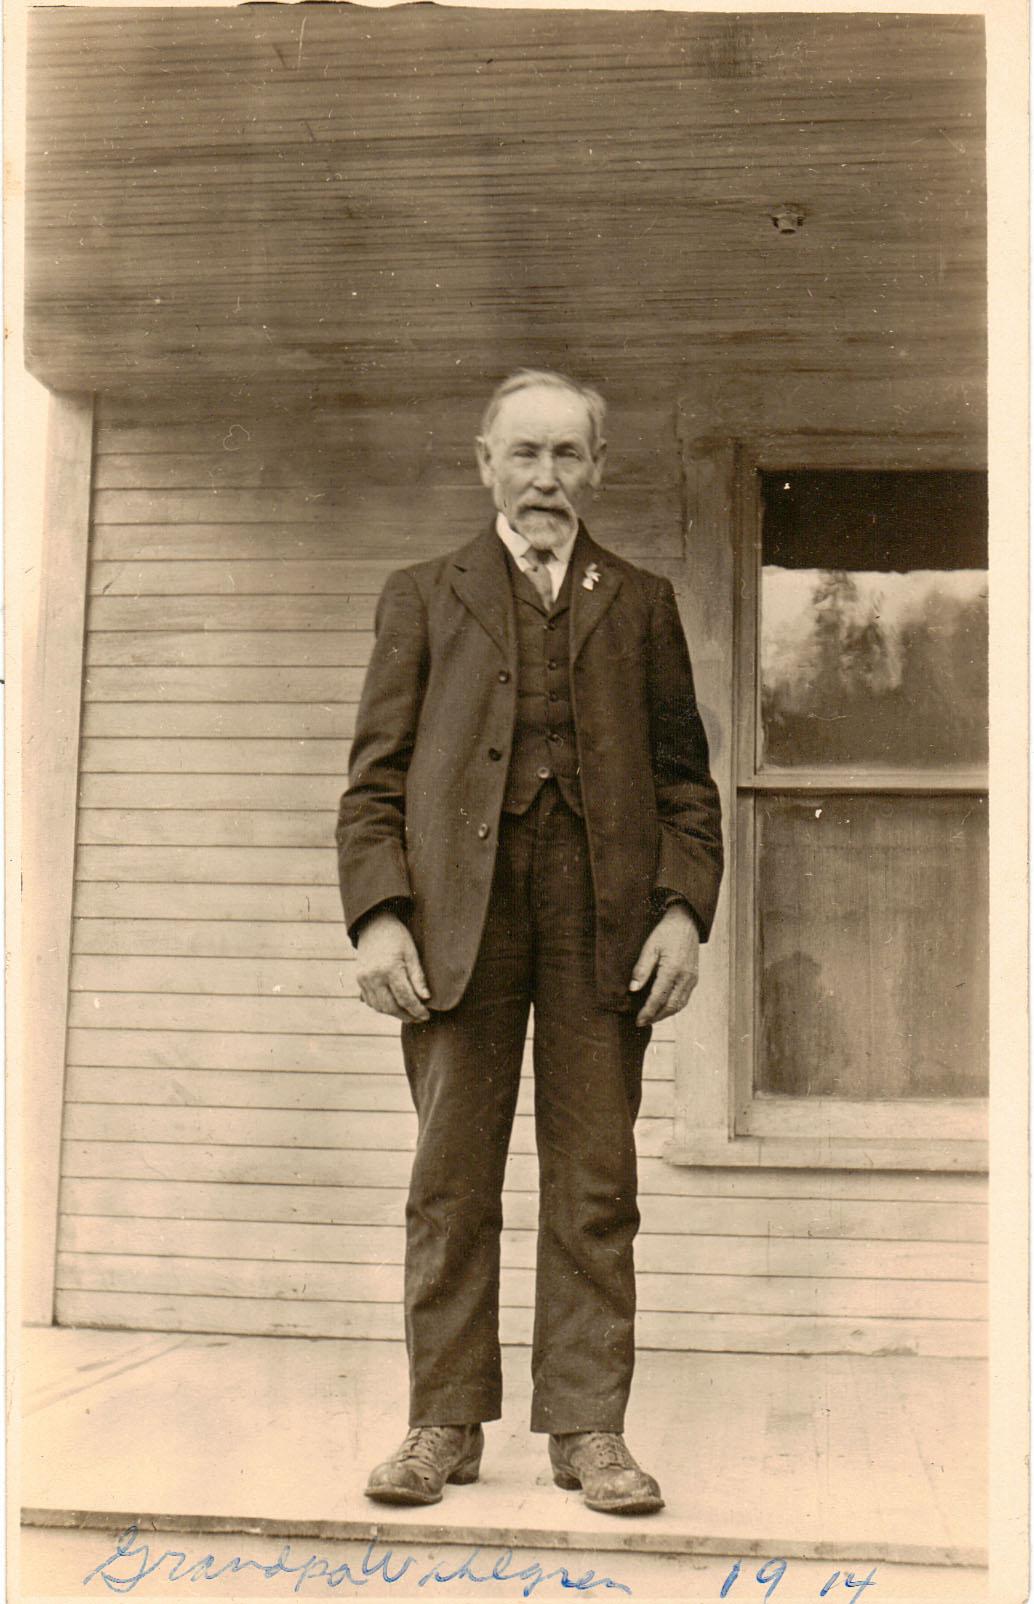 Grandpa Wahlgren